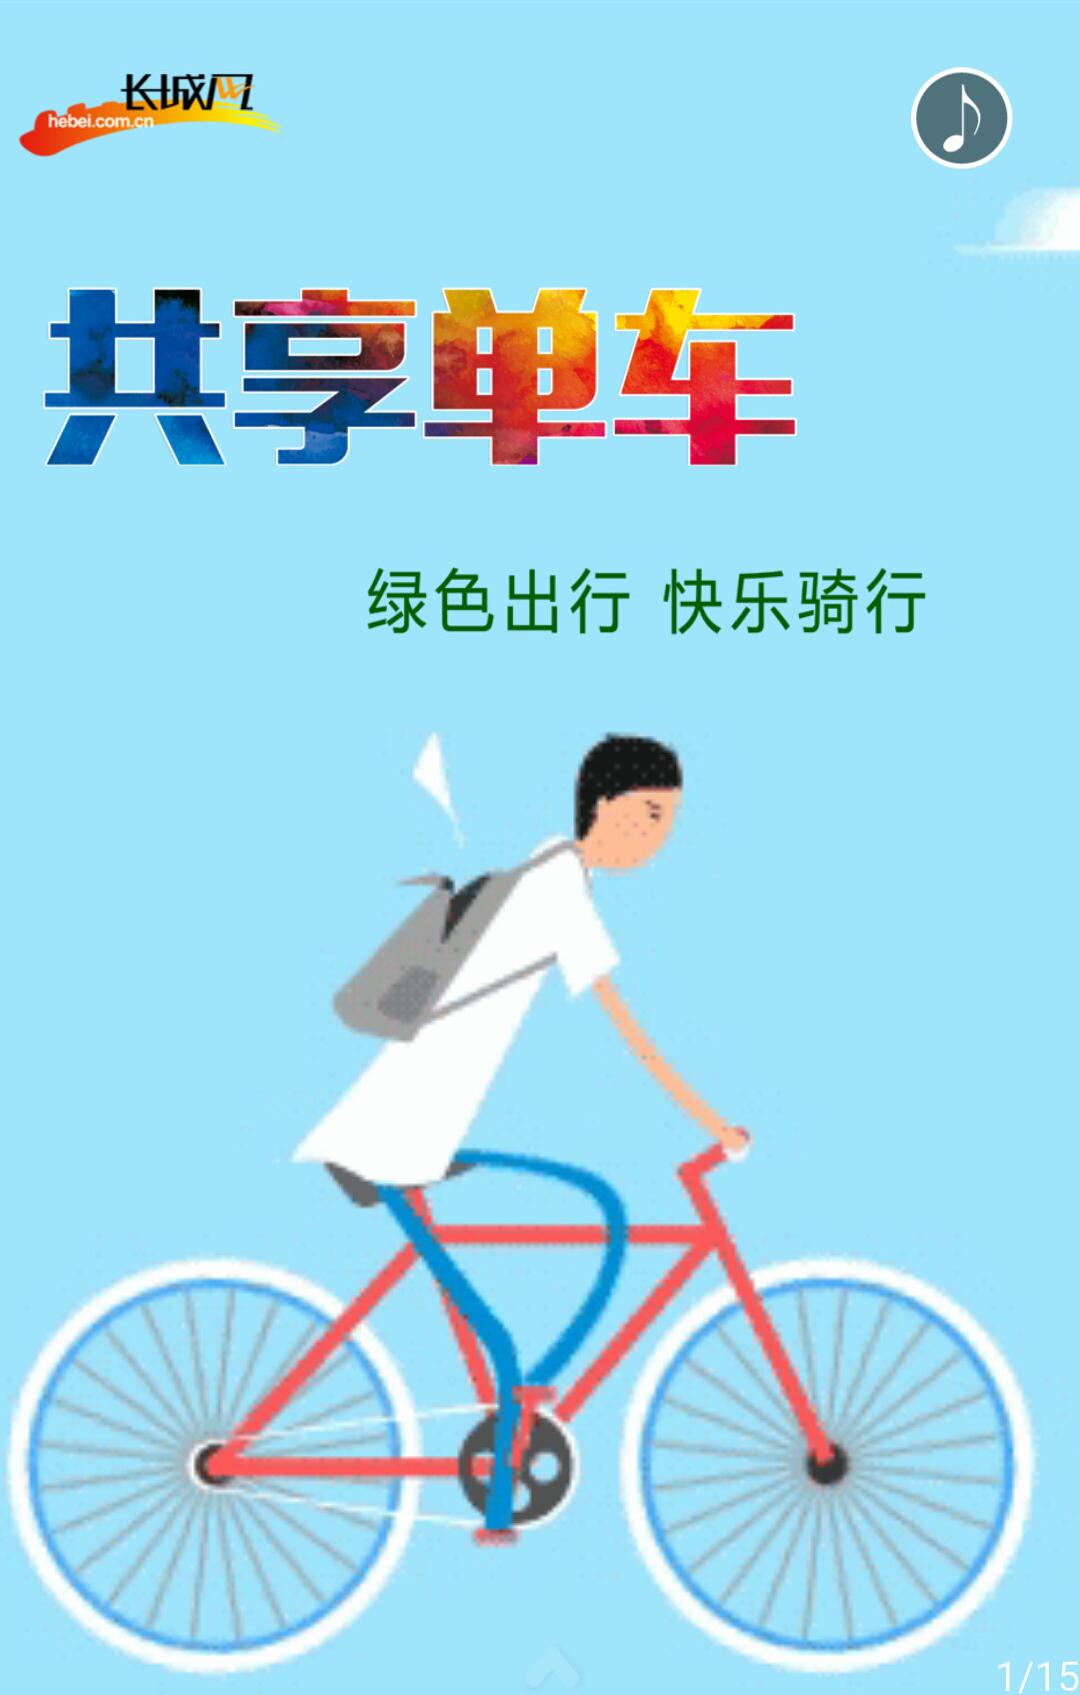 共享单车 绿色出行 快乐骑行